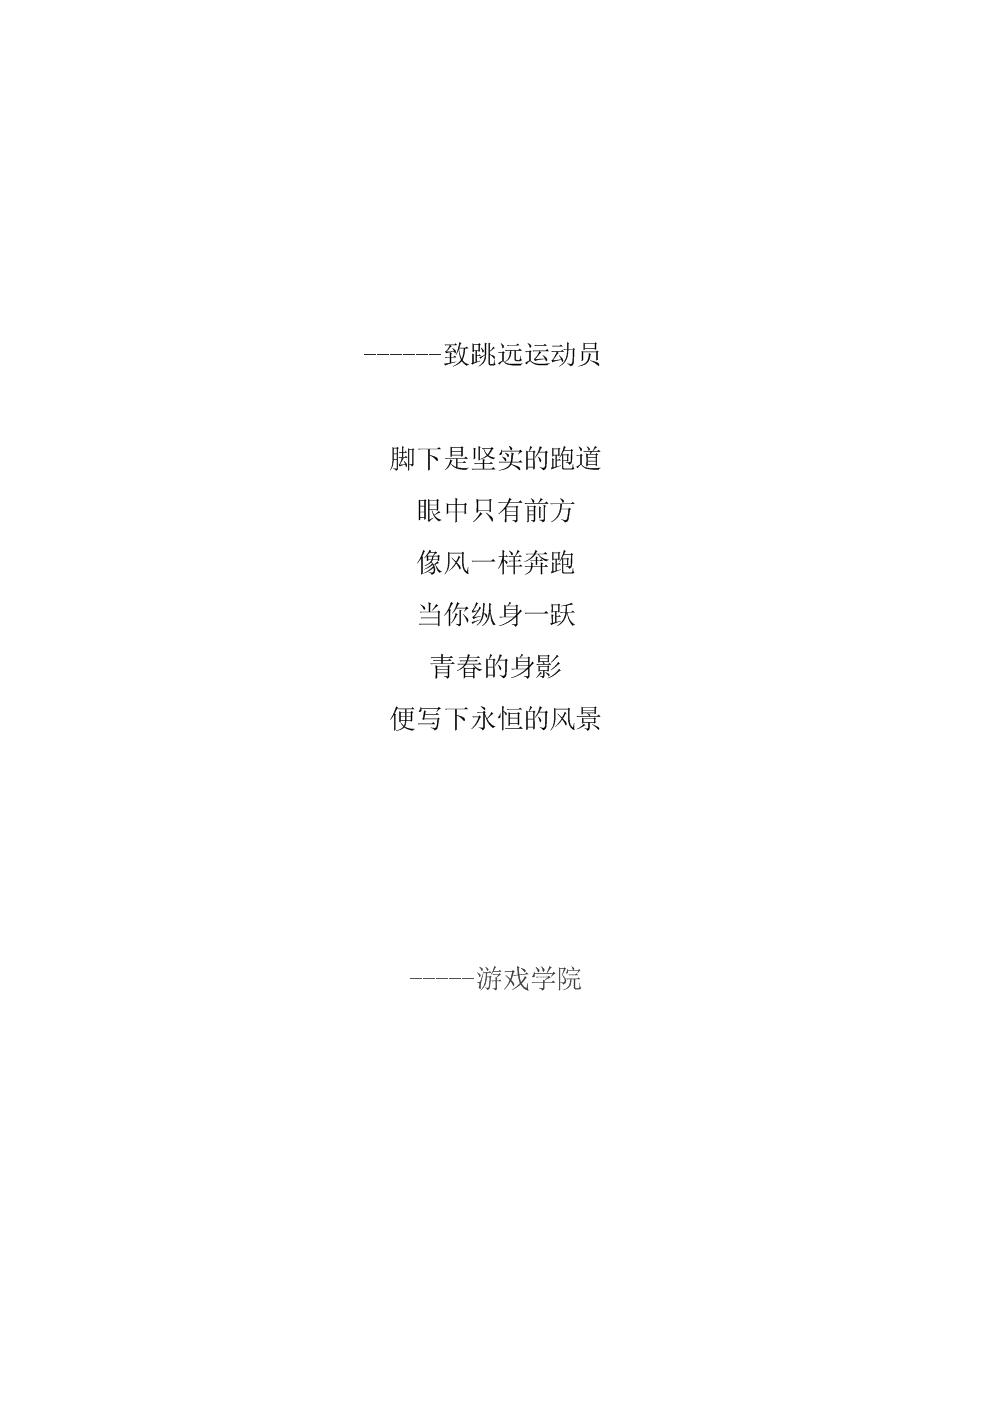 运动会跳远广播稿-20条.doc